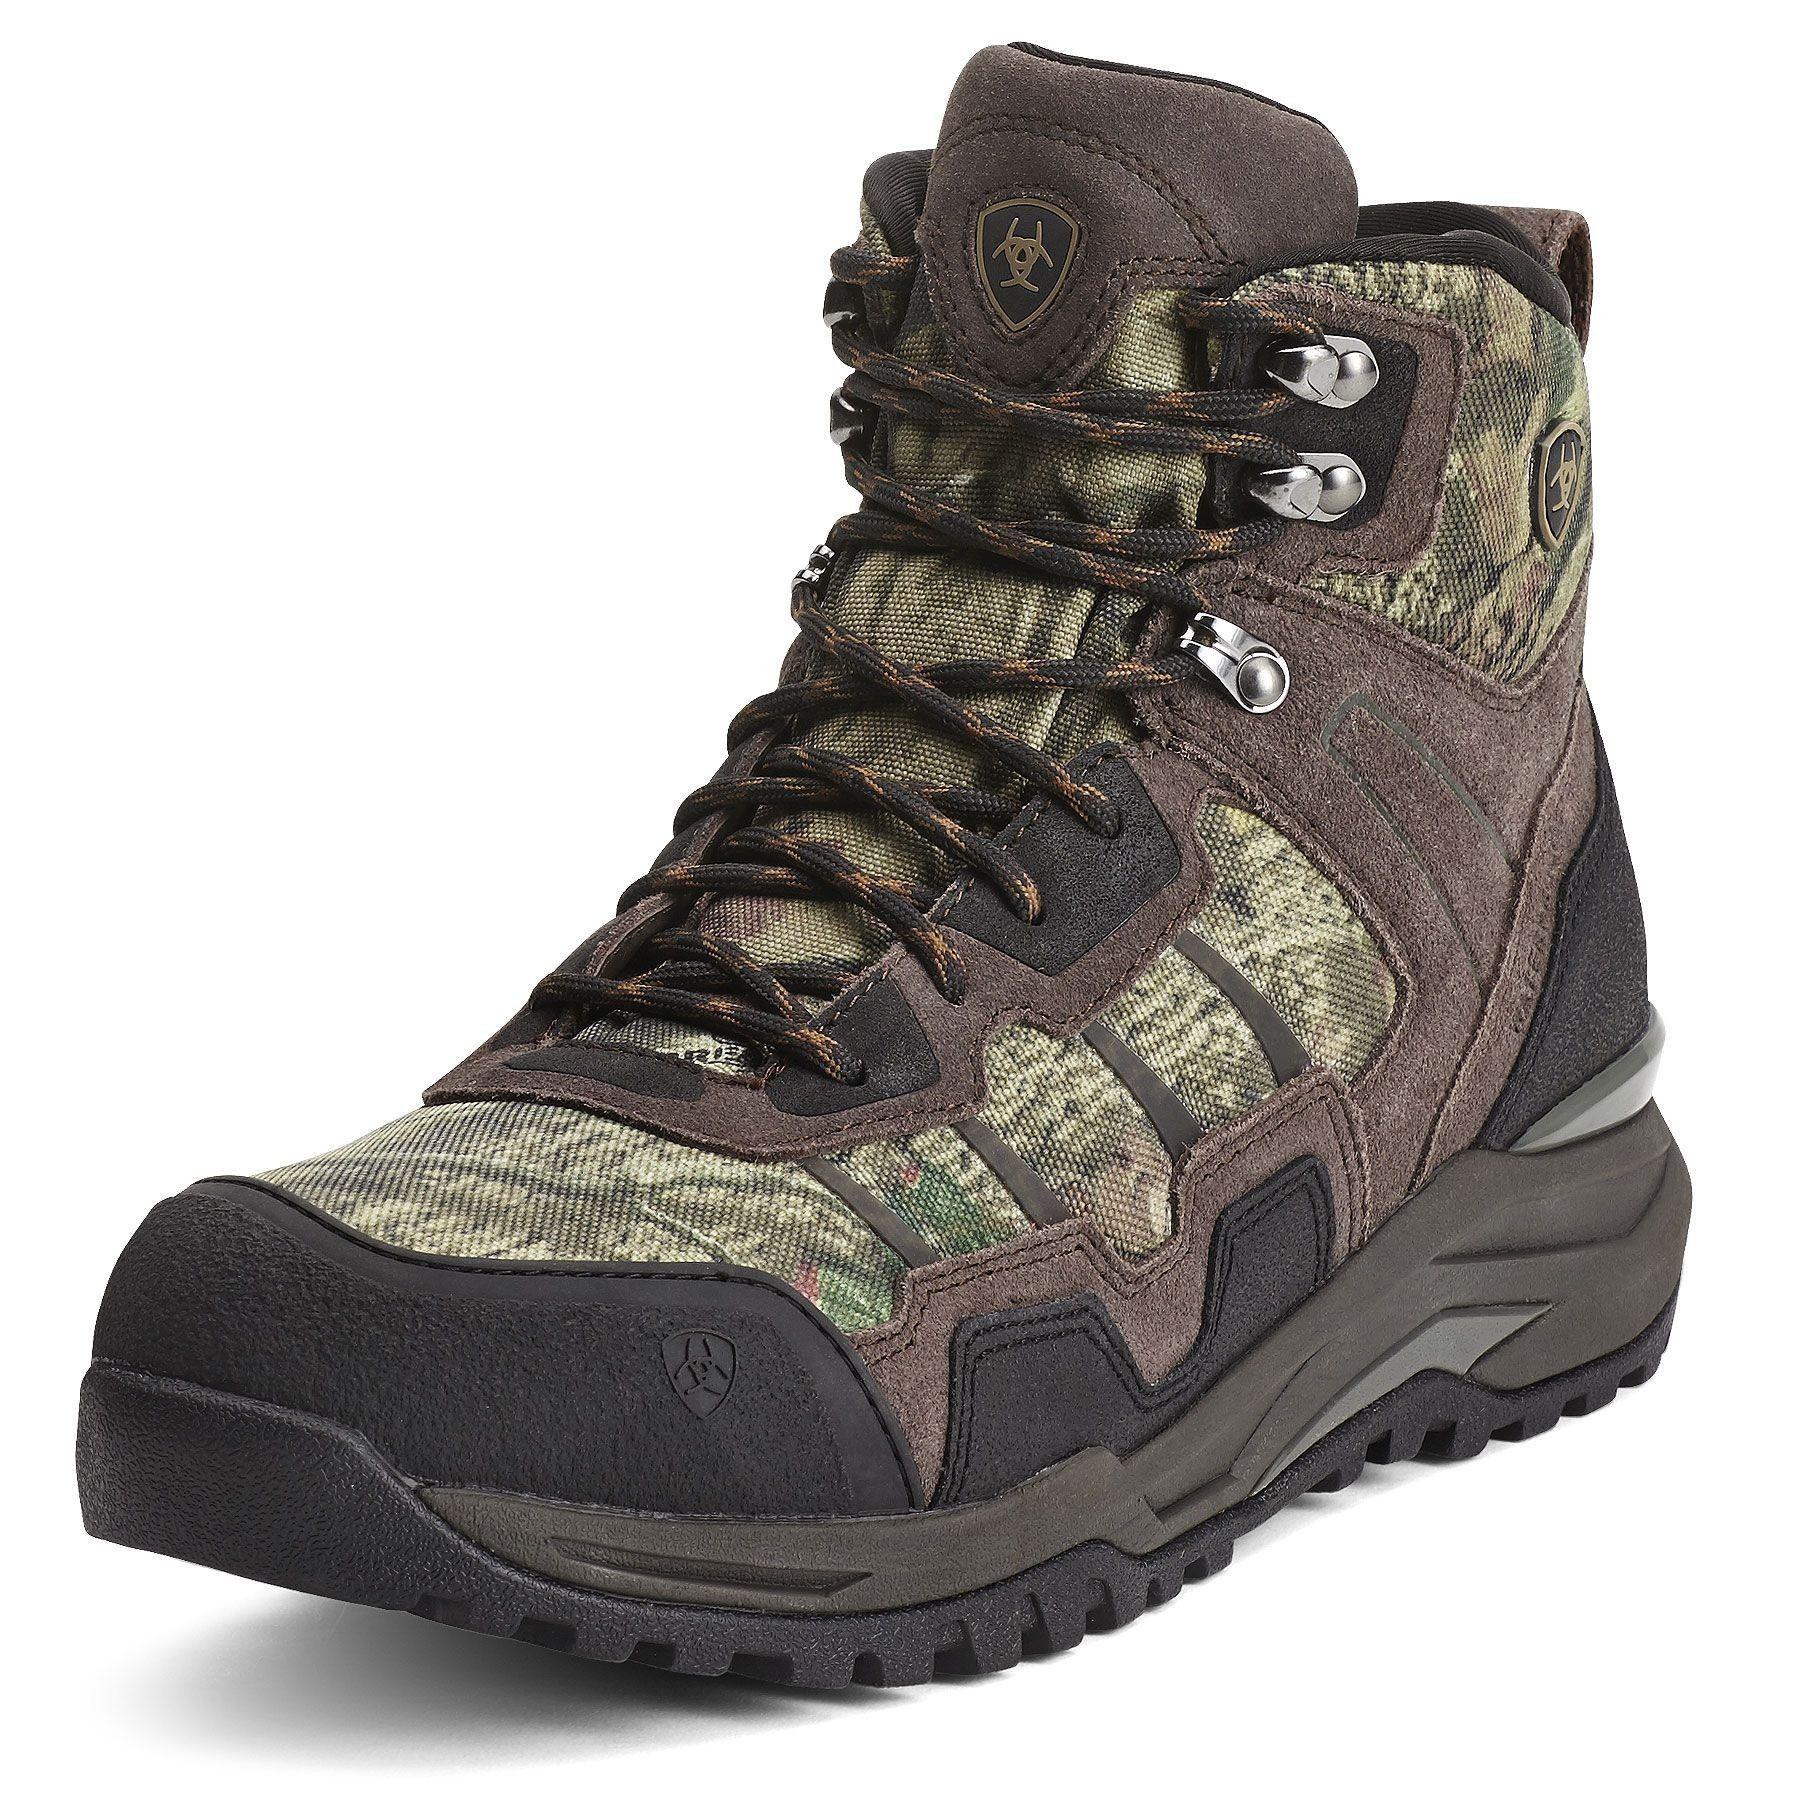 c679d9042abc6 SALE Ariat® Men's Venture Mid Waterproof Brown Camo Endurance Boots Style:  10012941